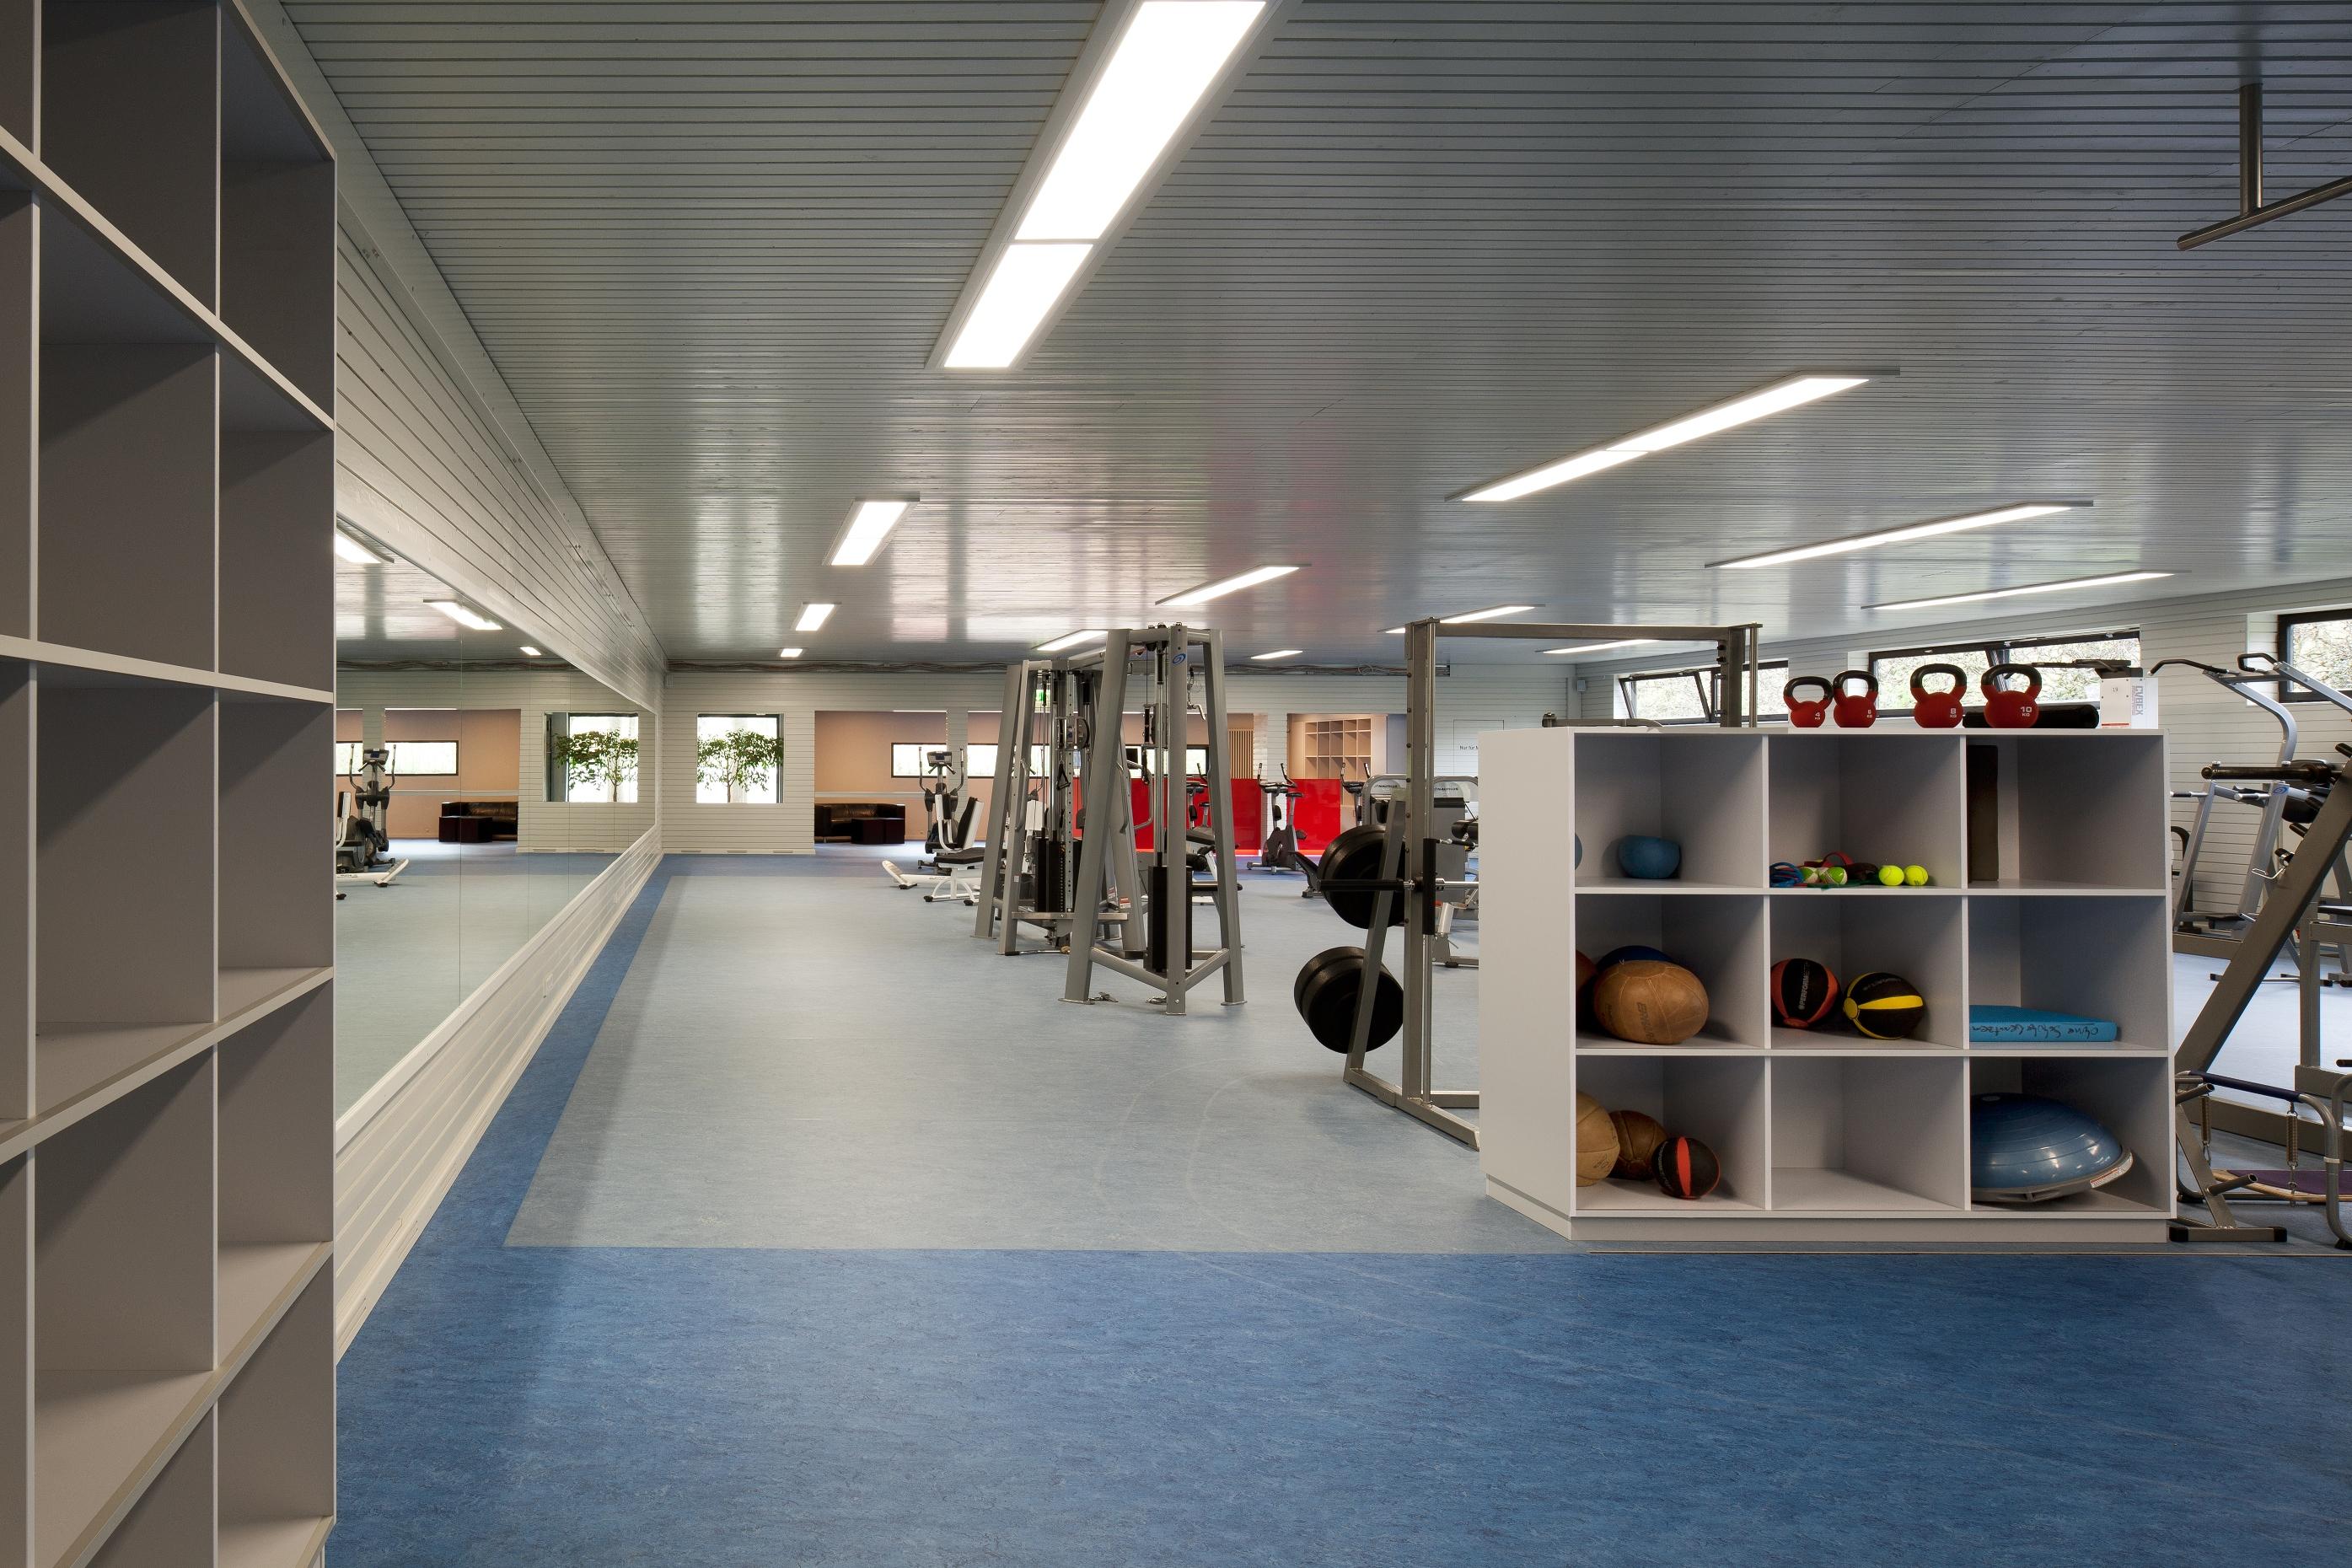 ffnungszeiten fitness gesundheitszentrum fgz. Black Bedroom Furniture Sets. Home Design Ideas